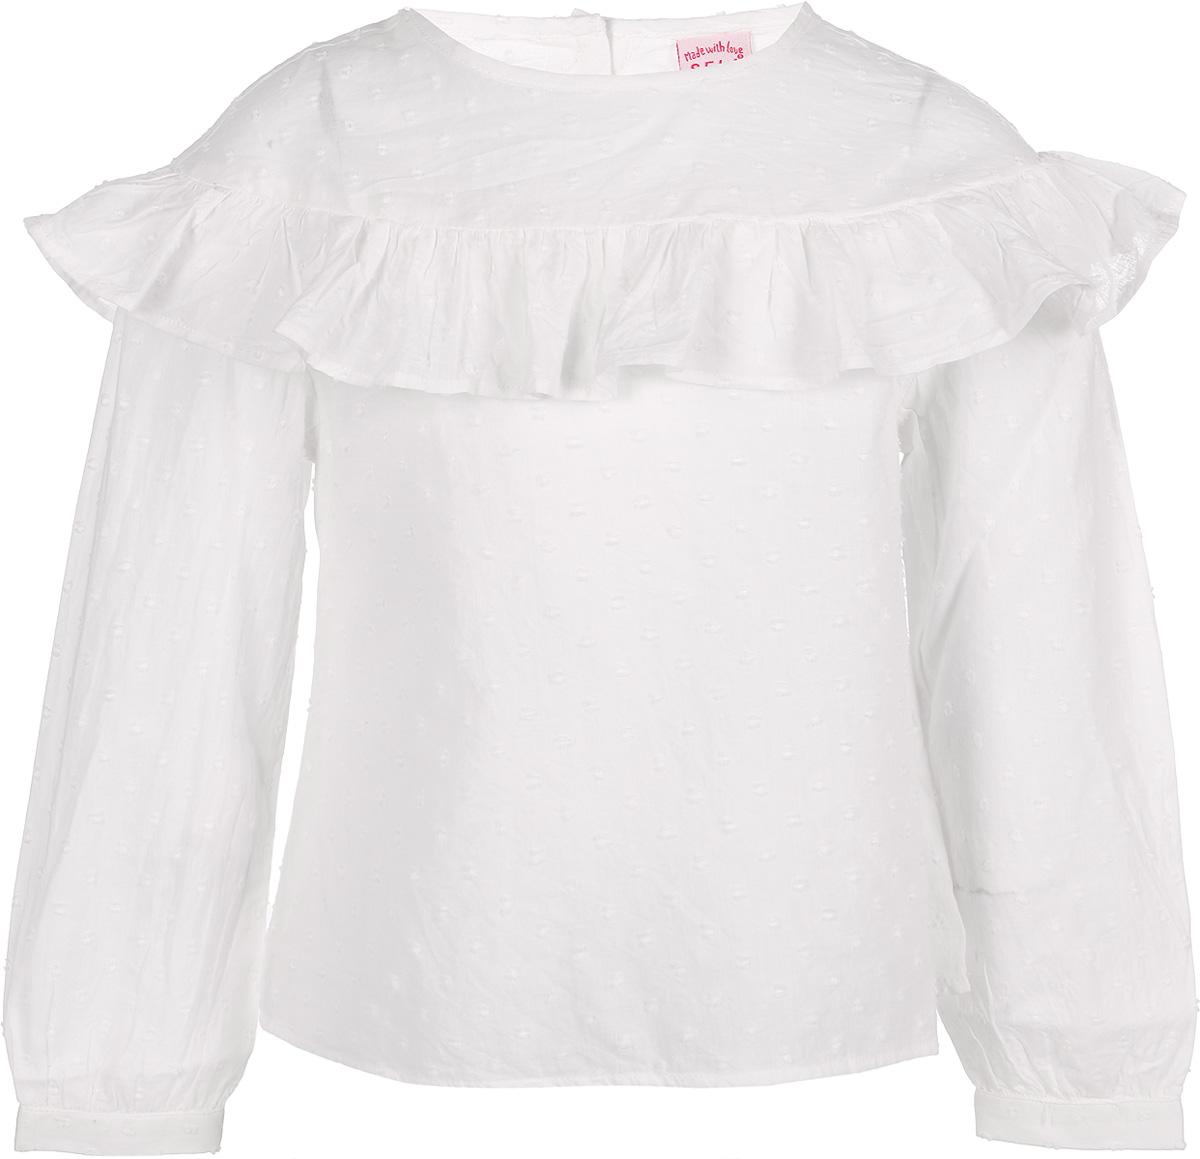 Блузка для девочки Sela, цвет: слоновая кость. Tw-512/278-8112. Размер 116 цена 2017